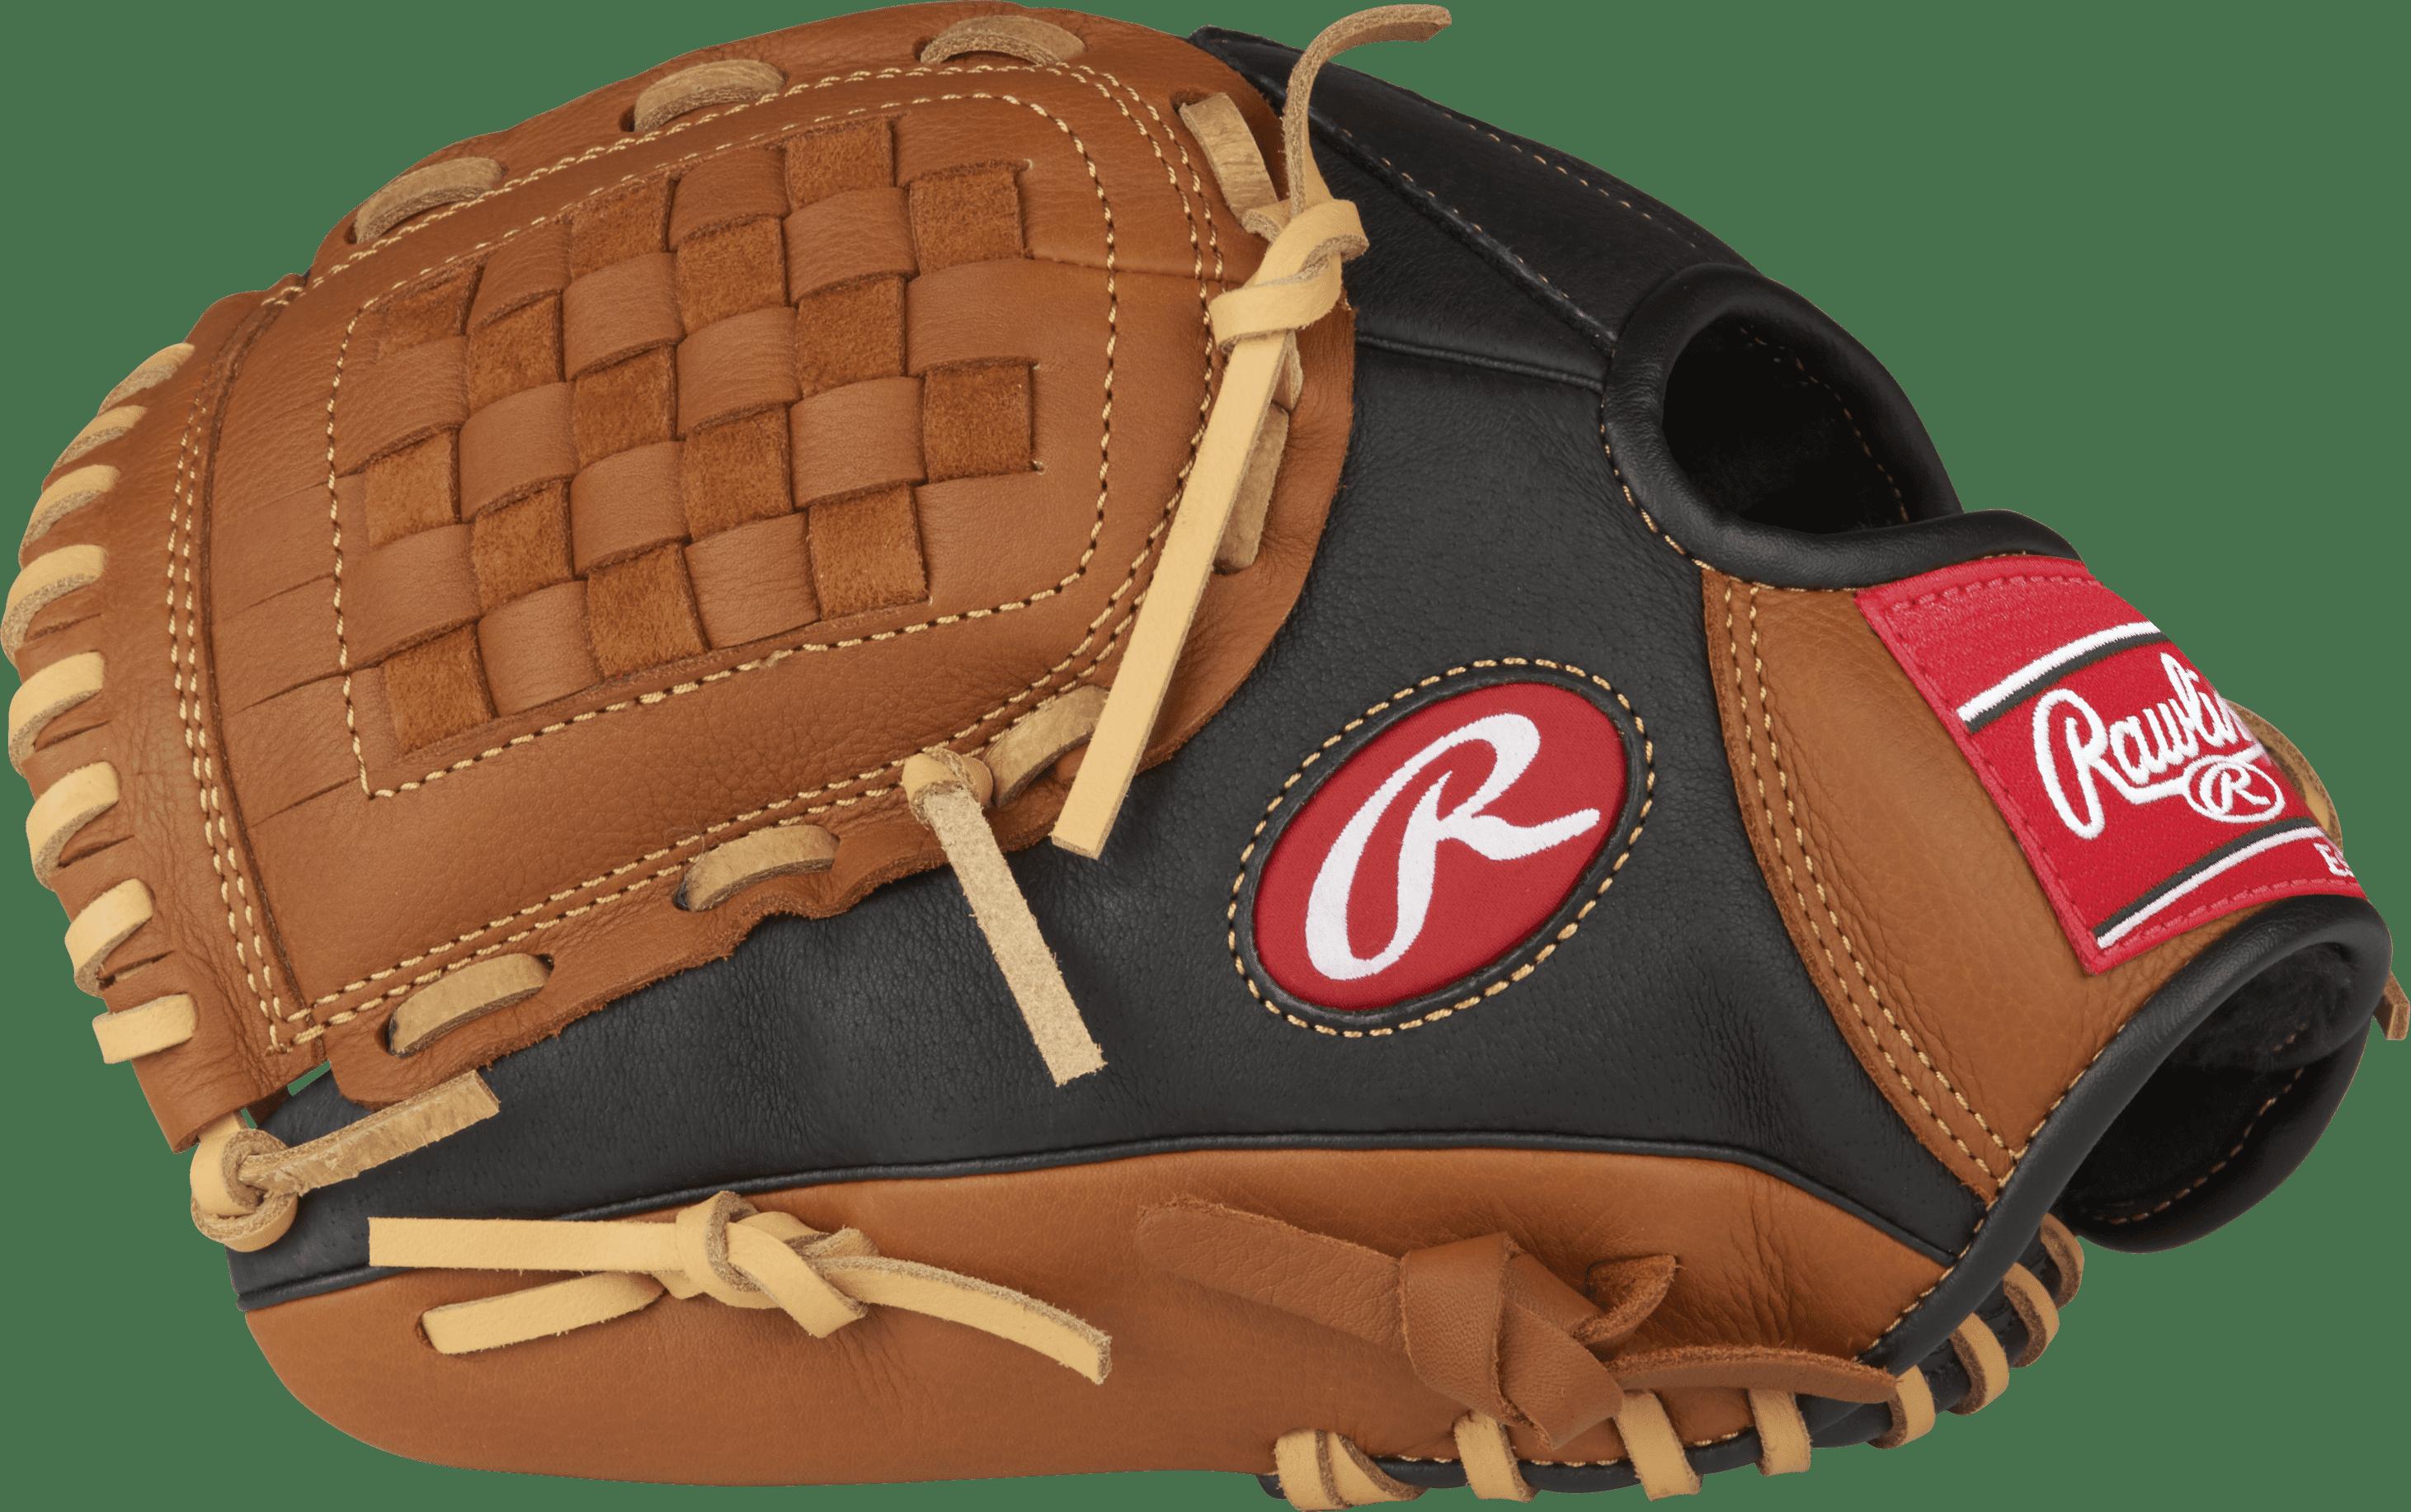 Rawlings Prodigy Youth Baseball Glove, Right Hand, Basket-Web, 11-Inch by Rawlings